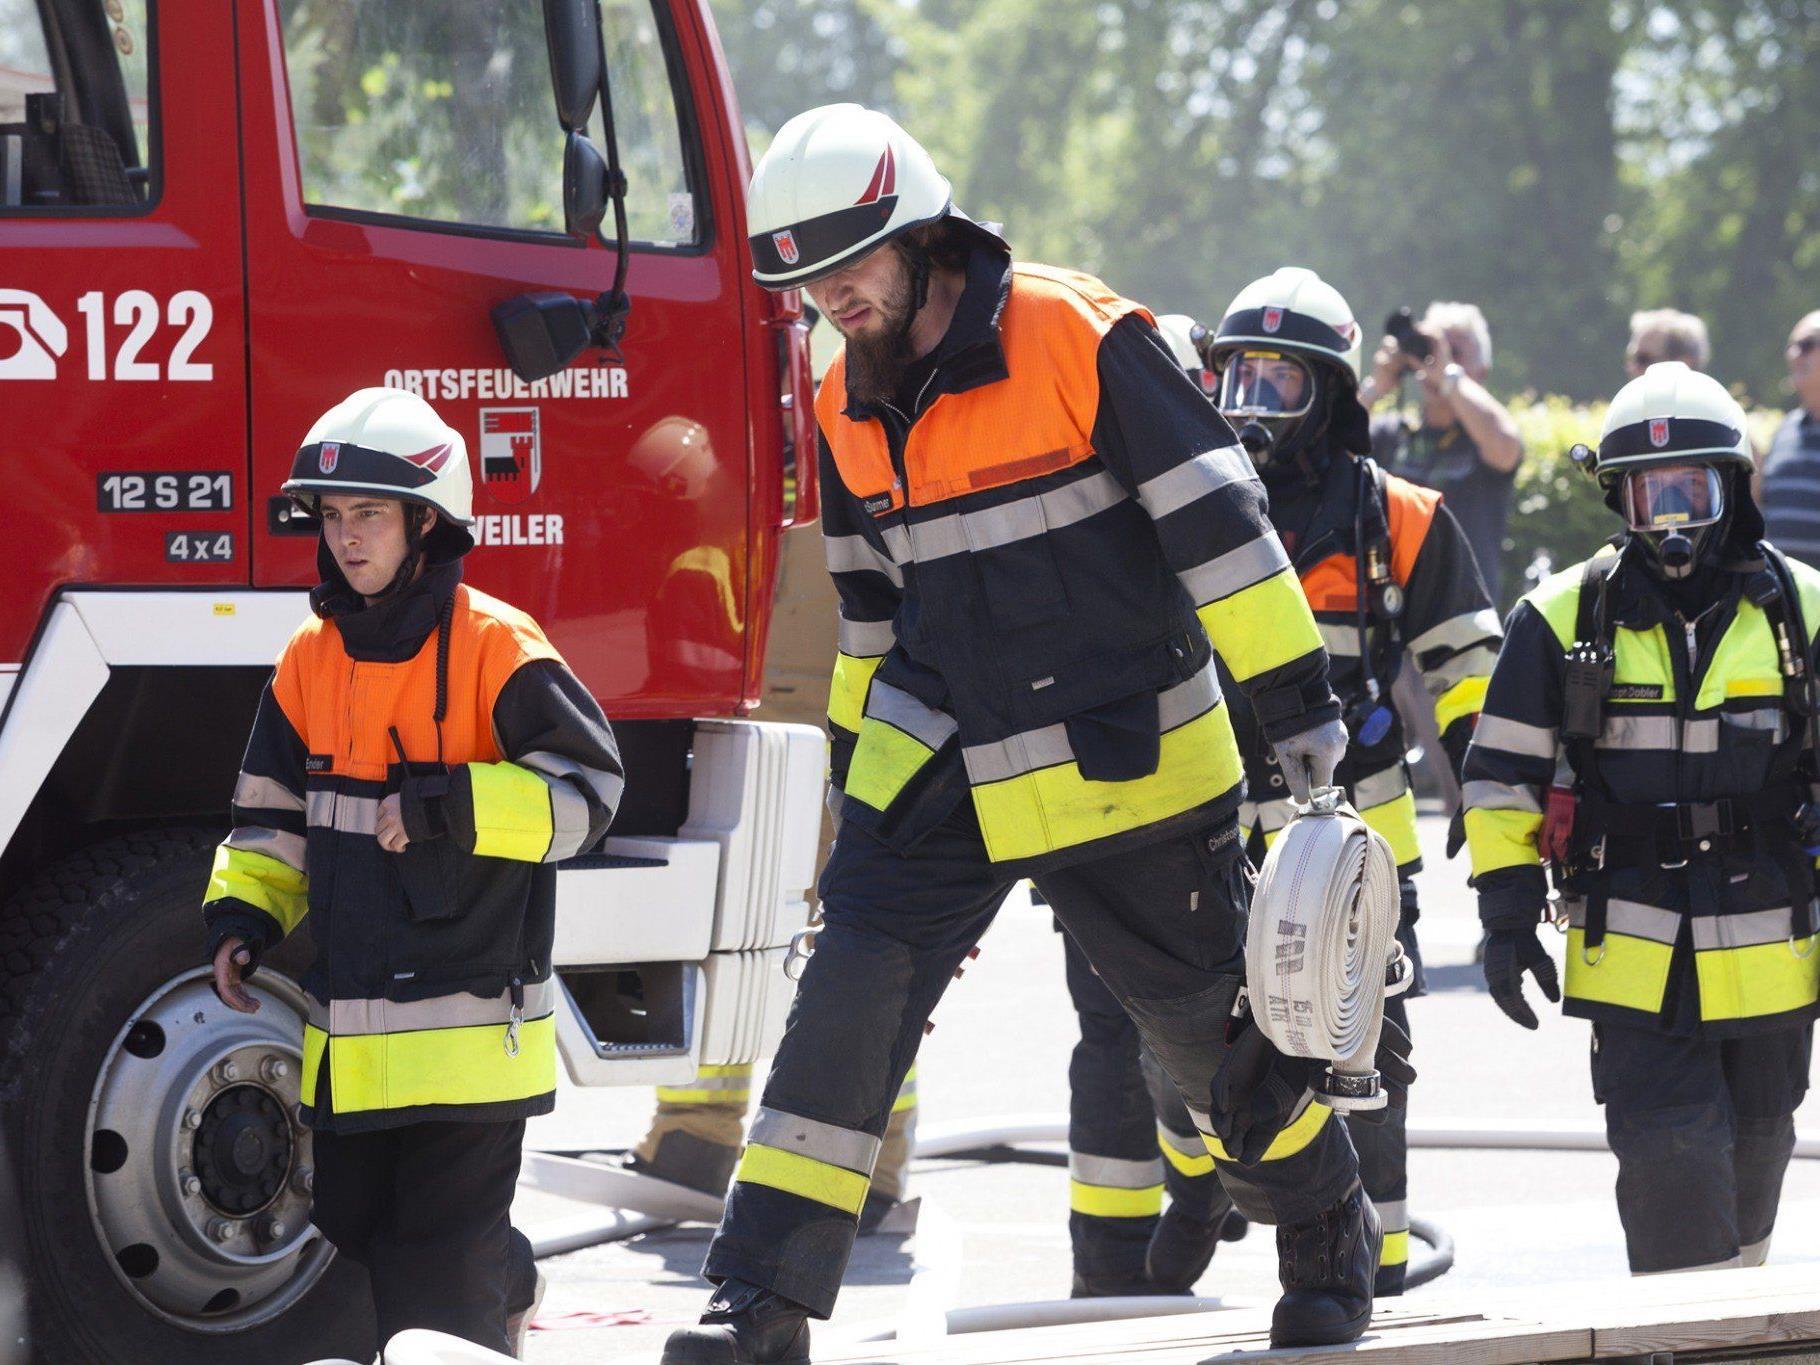 Zu insgesamt 4.818 Einsätze rückten die Vorarlberger Feuerwehren im Jahr 2013 aus.